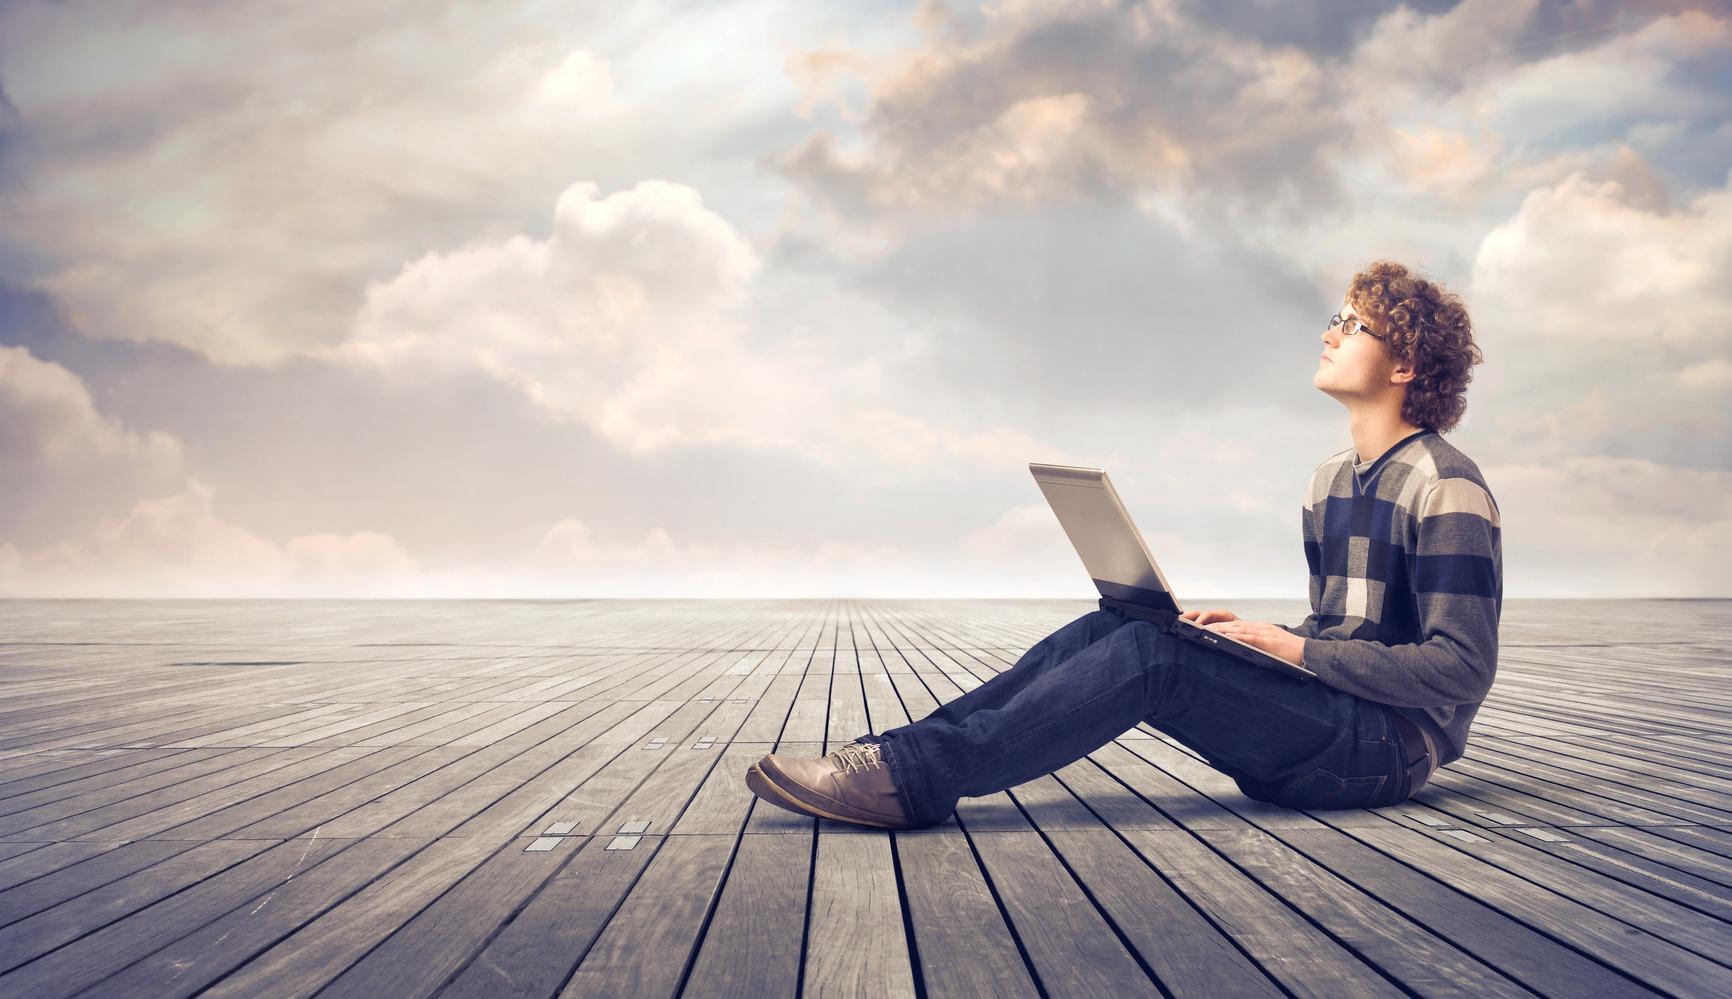 Pozycjonowanie Sklepu internetowego: 9 kluczowych działań